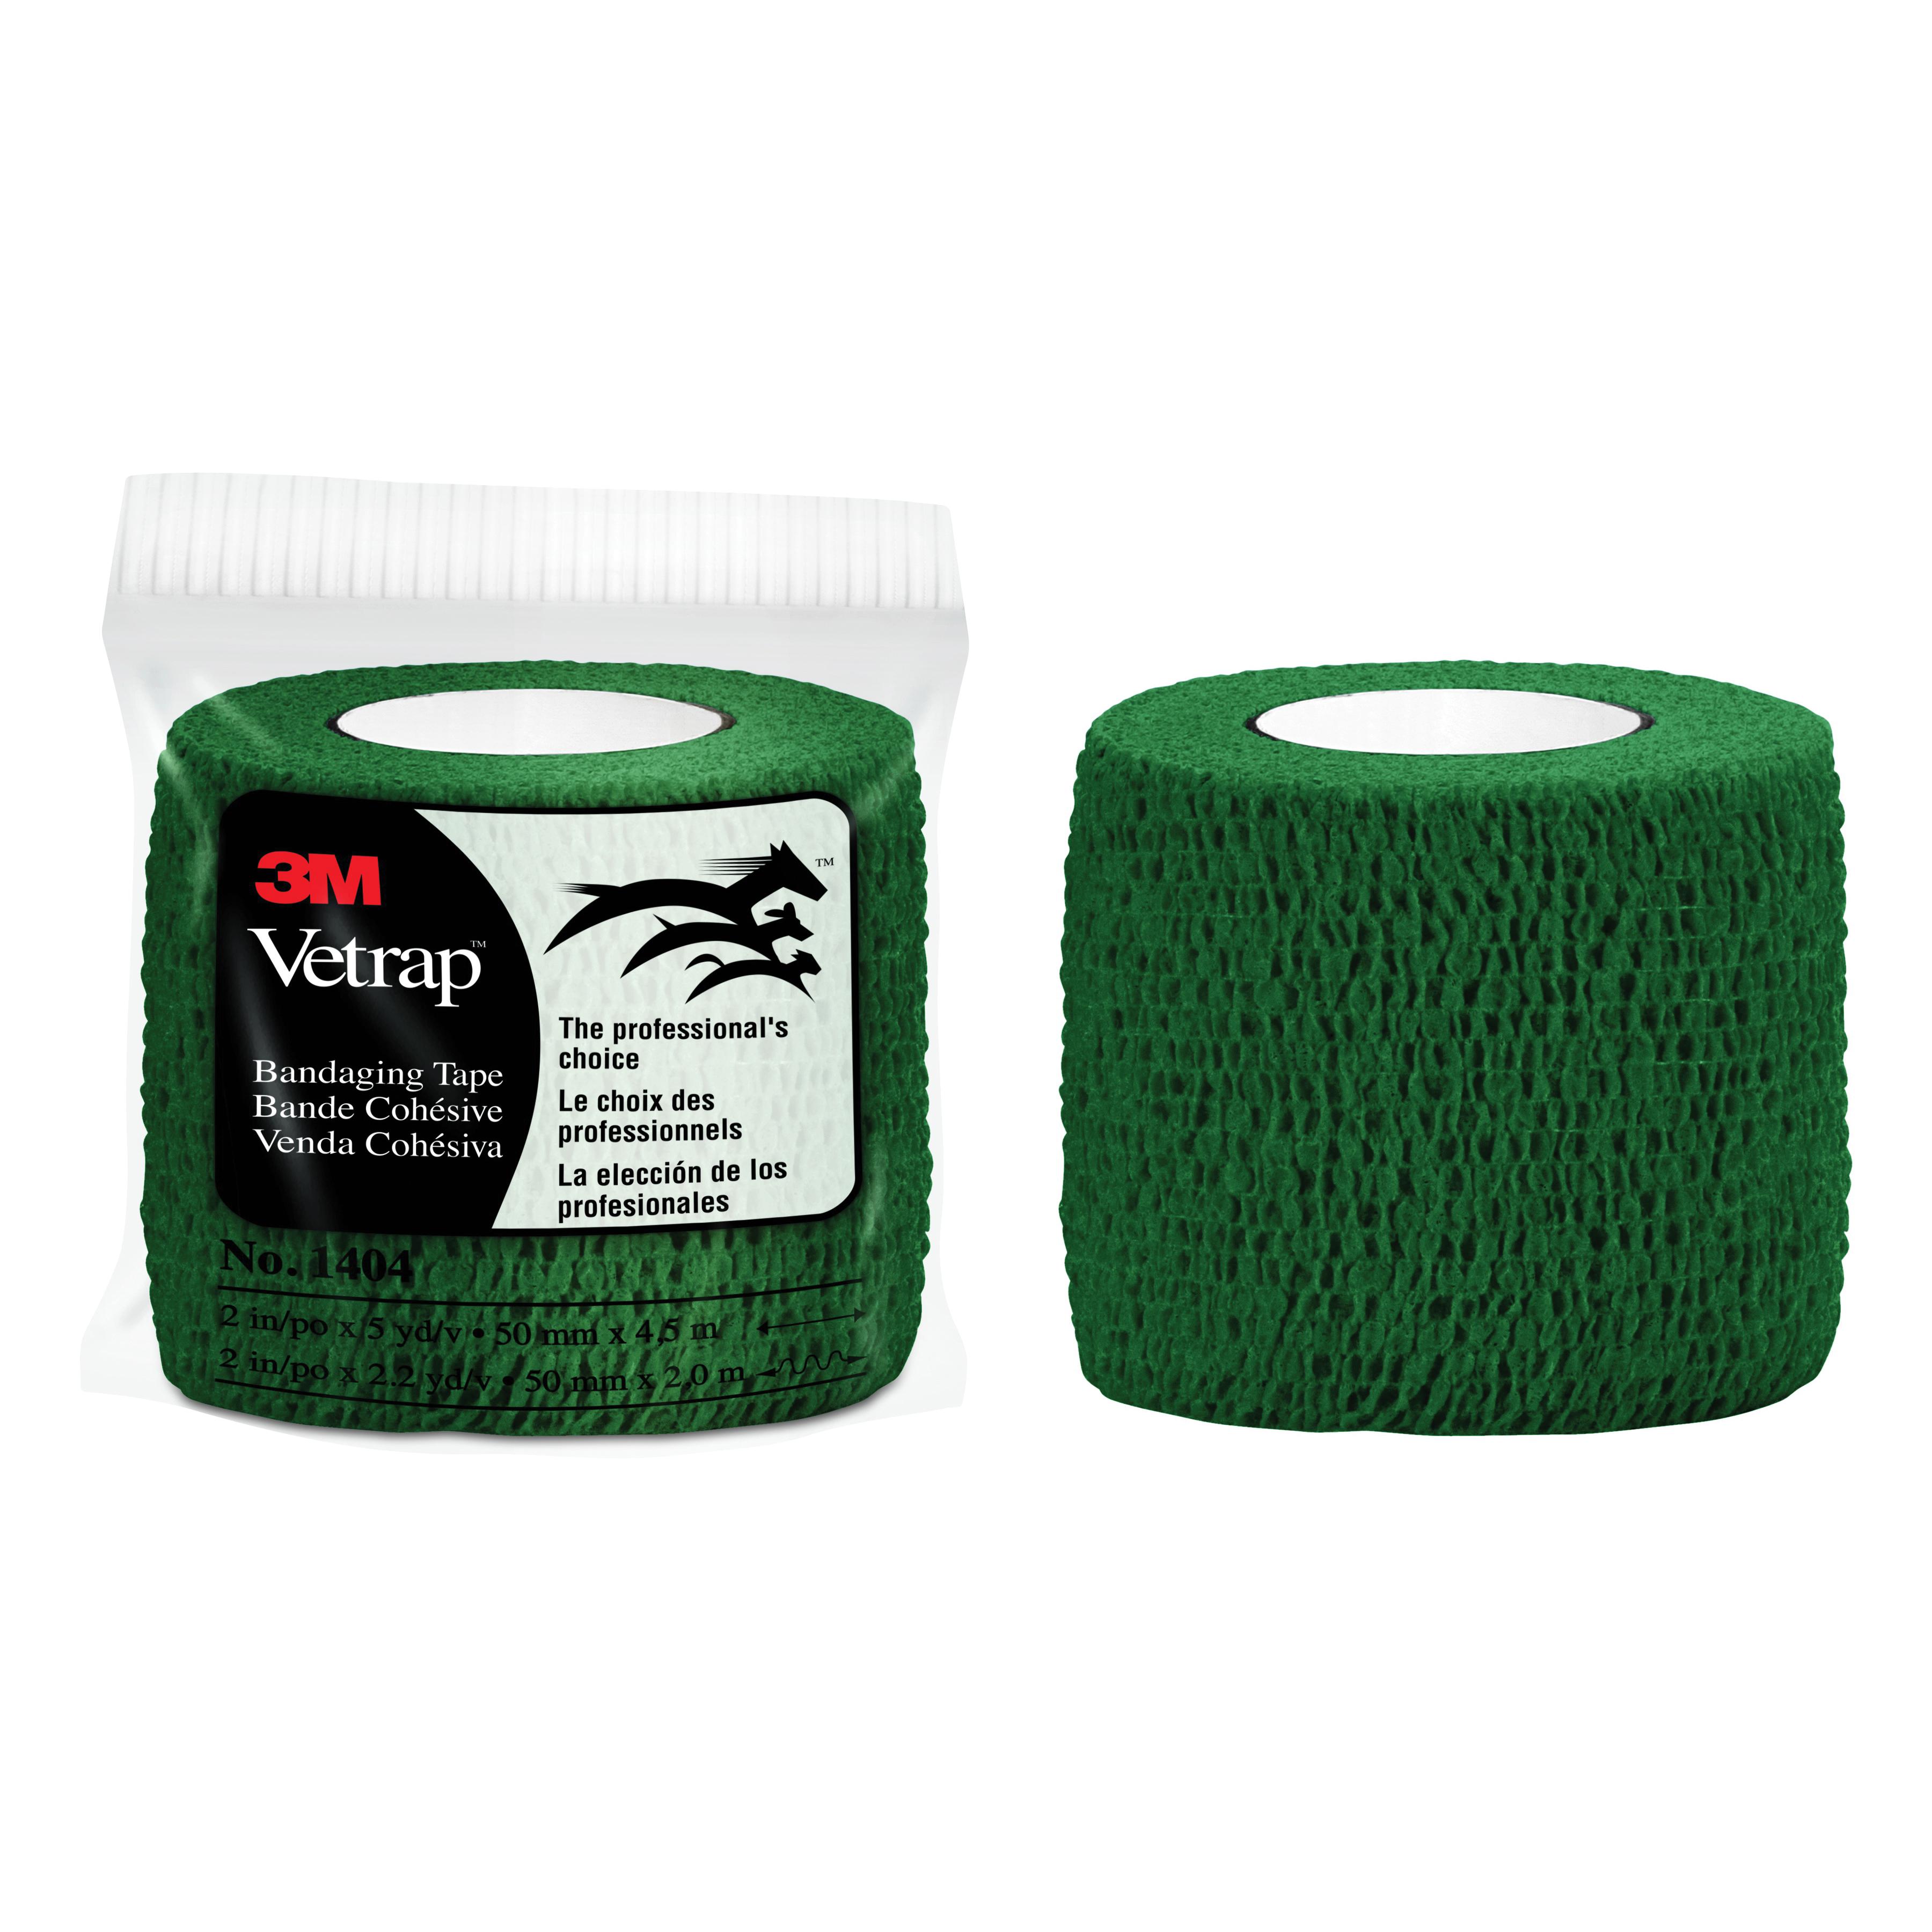 3M™ Vetrap™ 051115-04854 1404 Bandaging Tape, Self-Adherent Elastic Wrap, Hunter Green